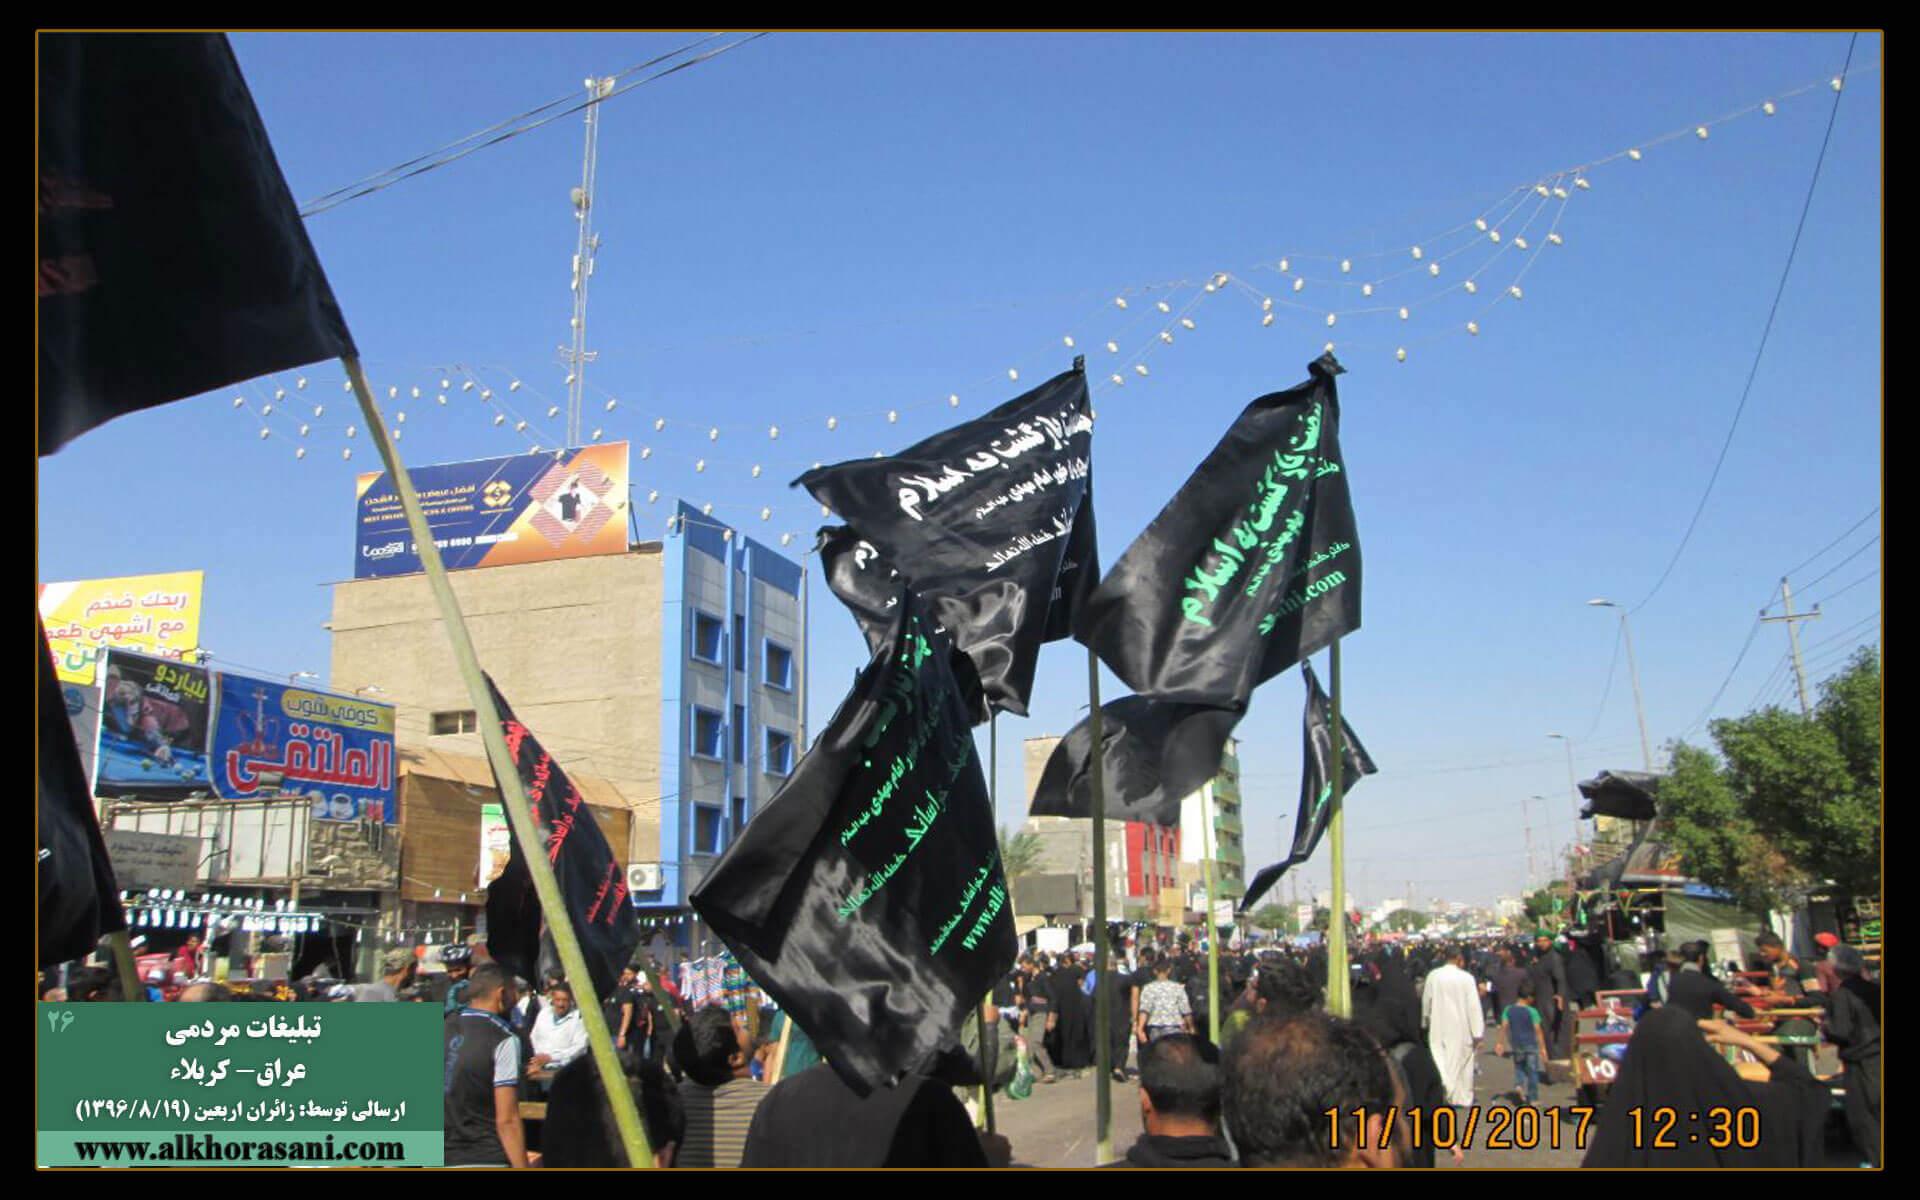 پرچم های سیاه